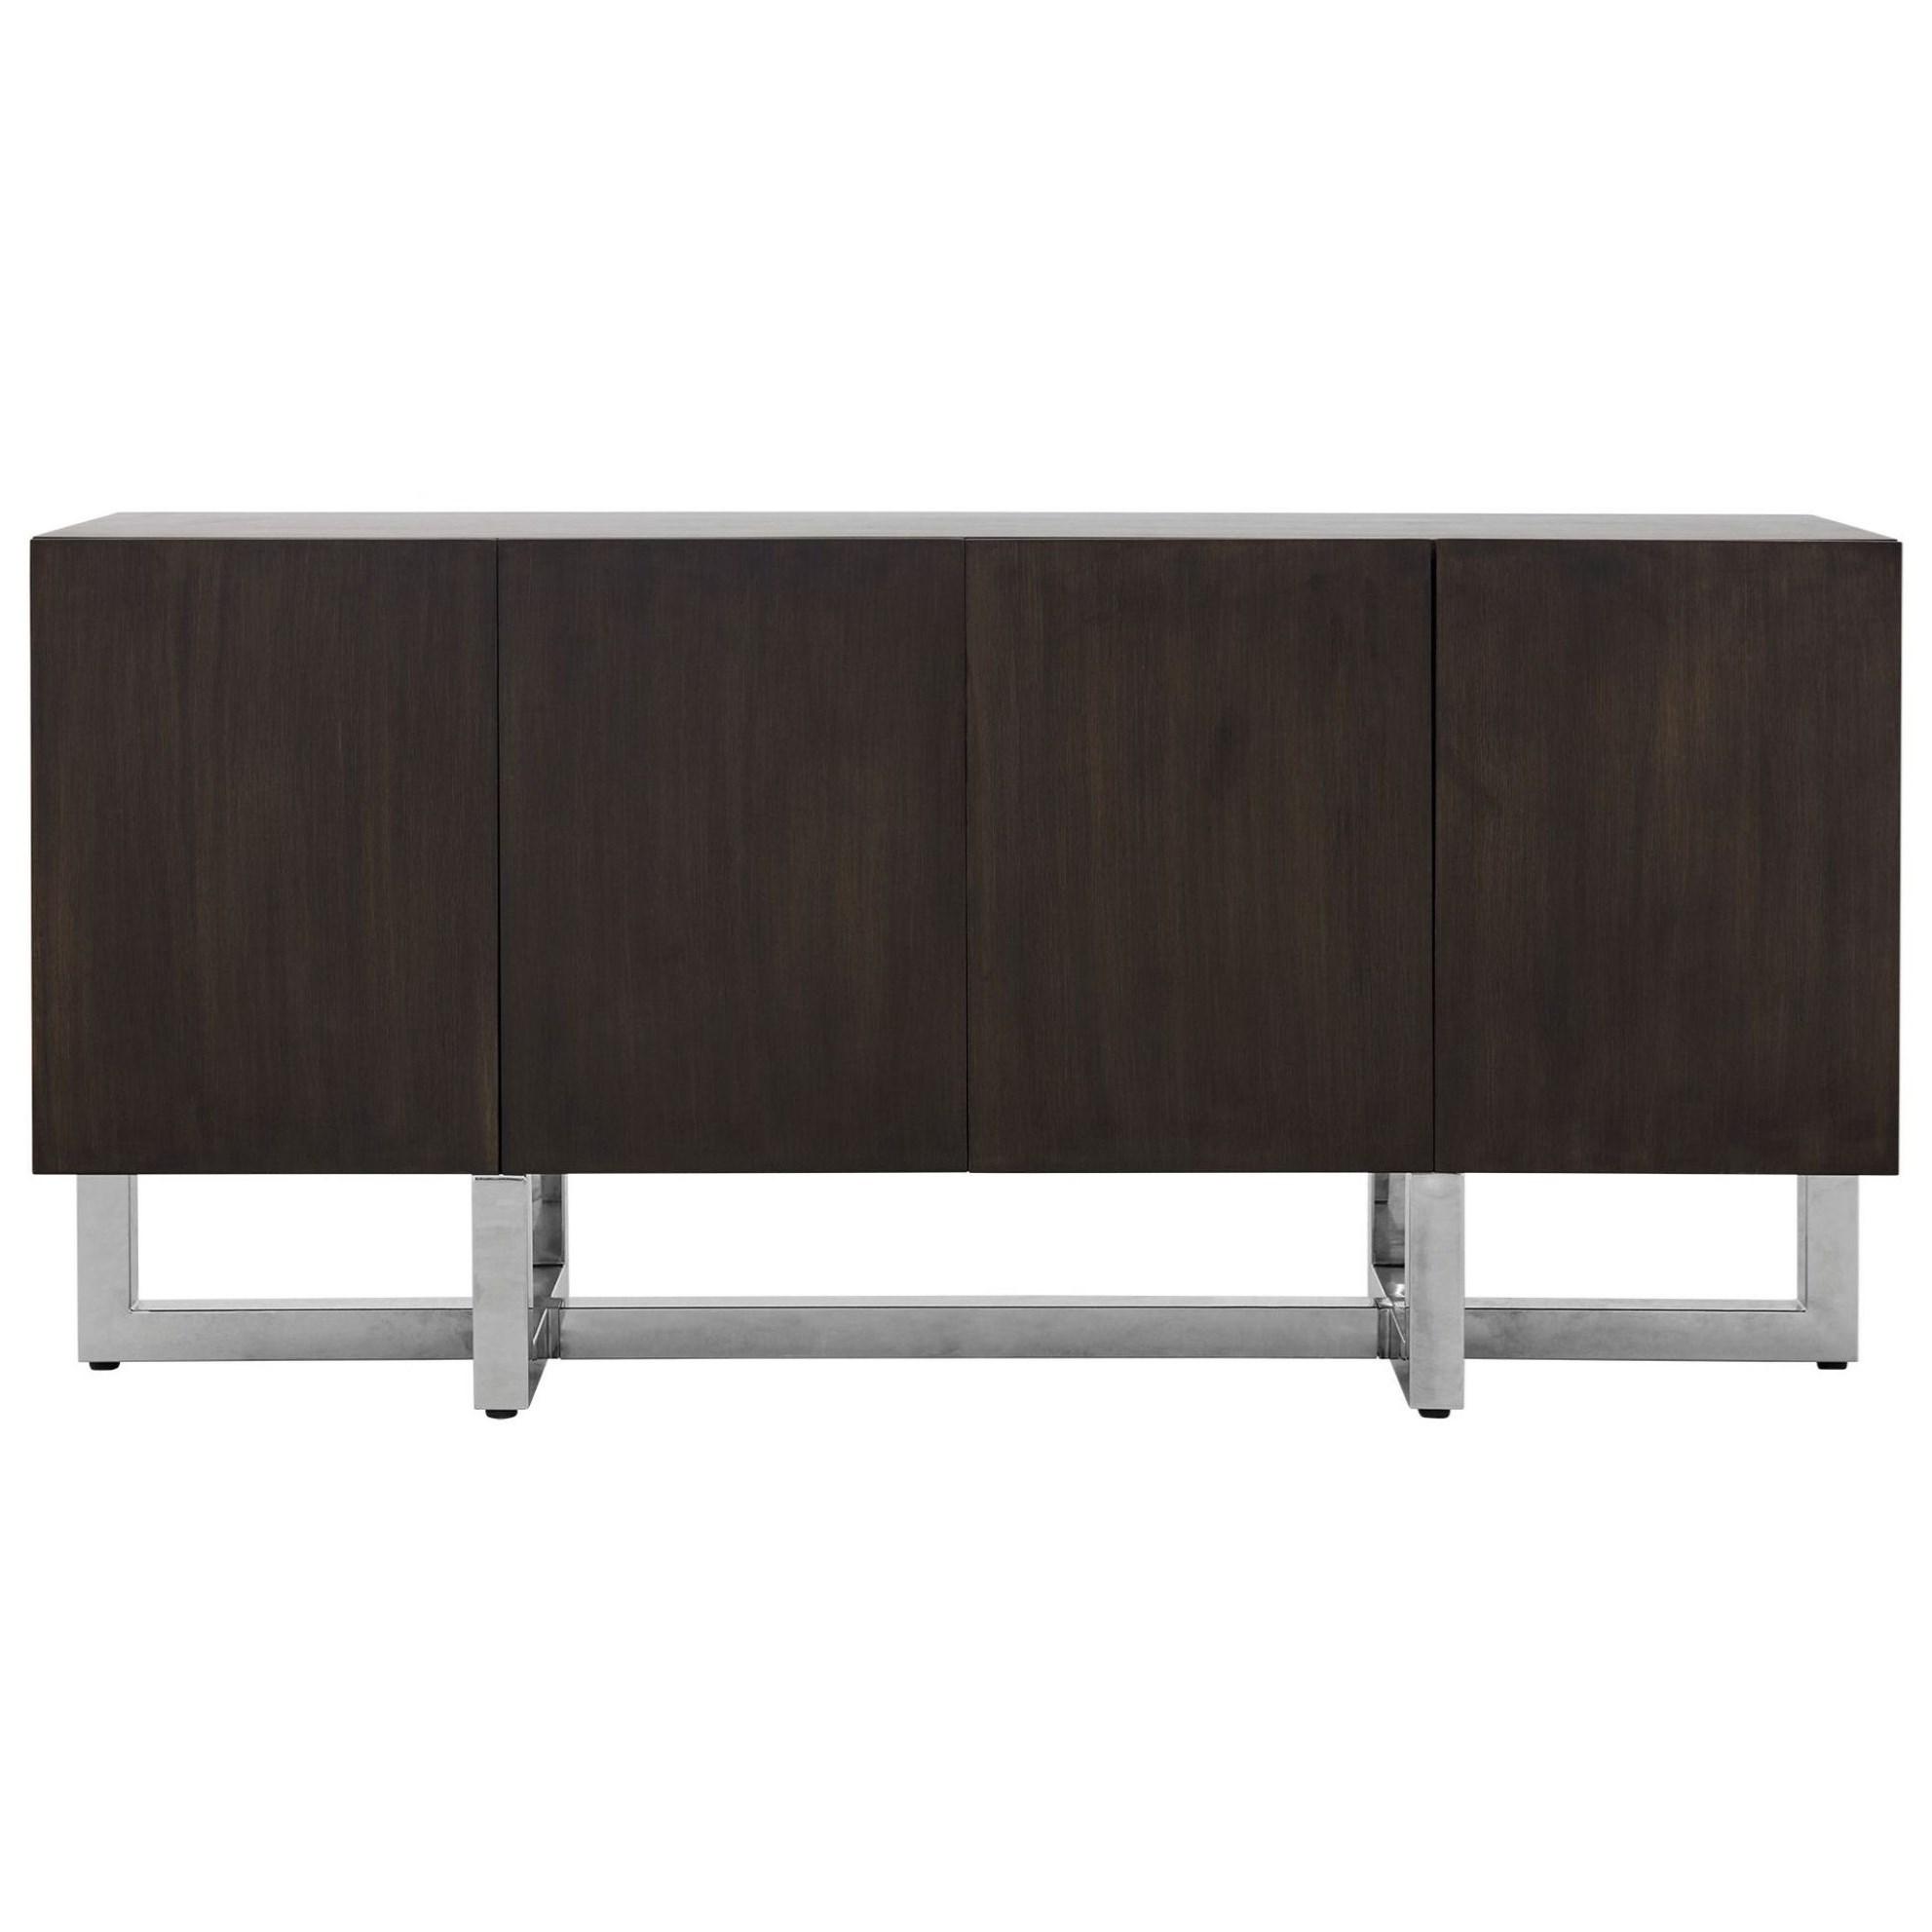 Wood Sideboard in Wood/Chrome